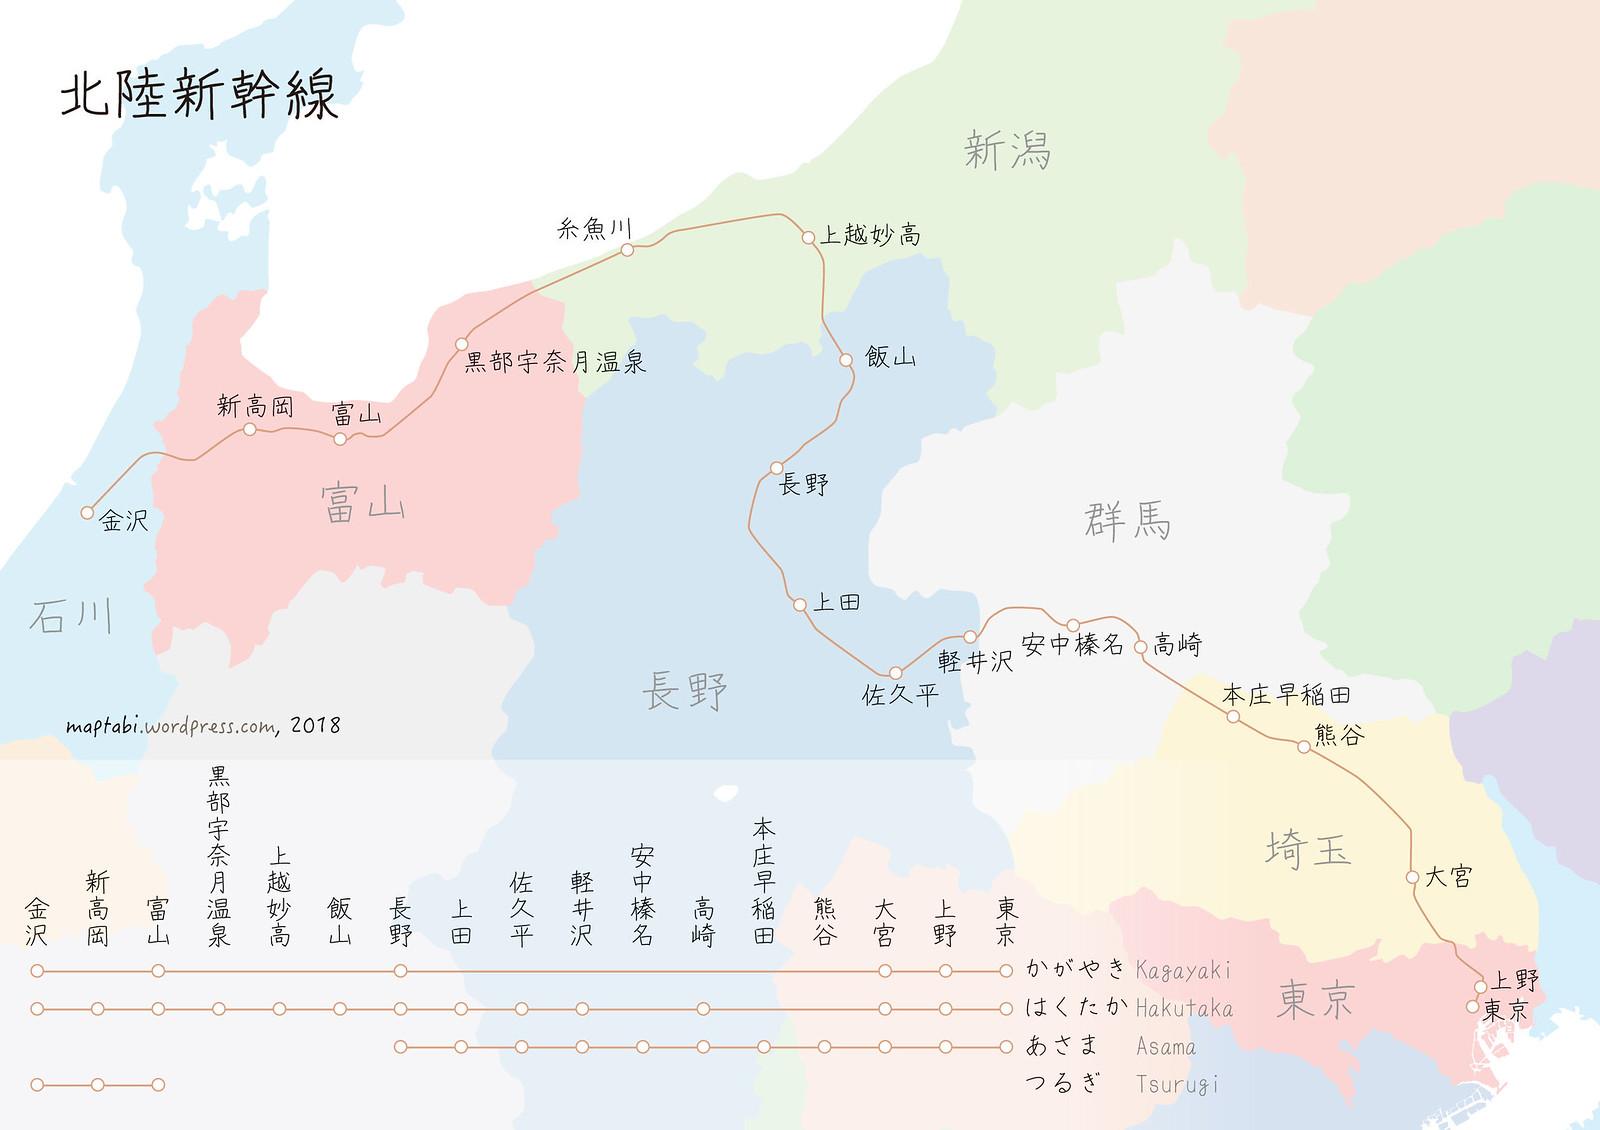 hokuriku_shinkansen